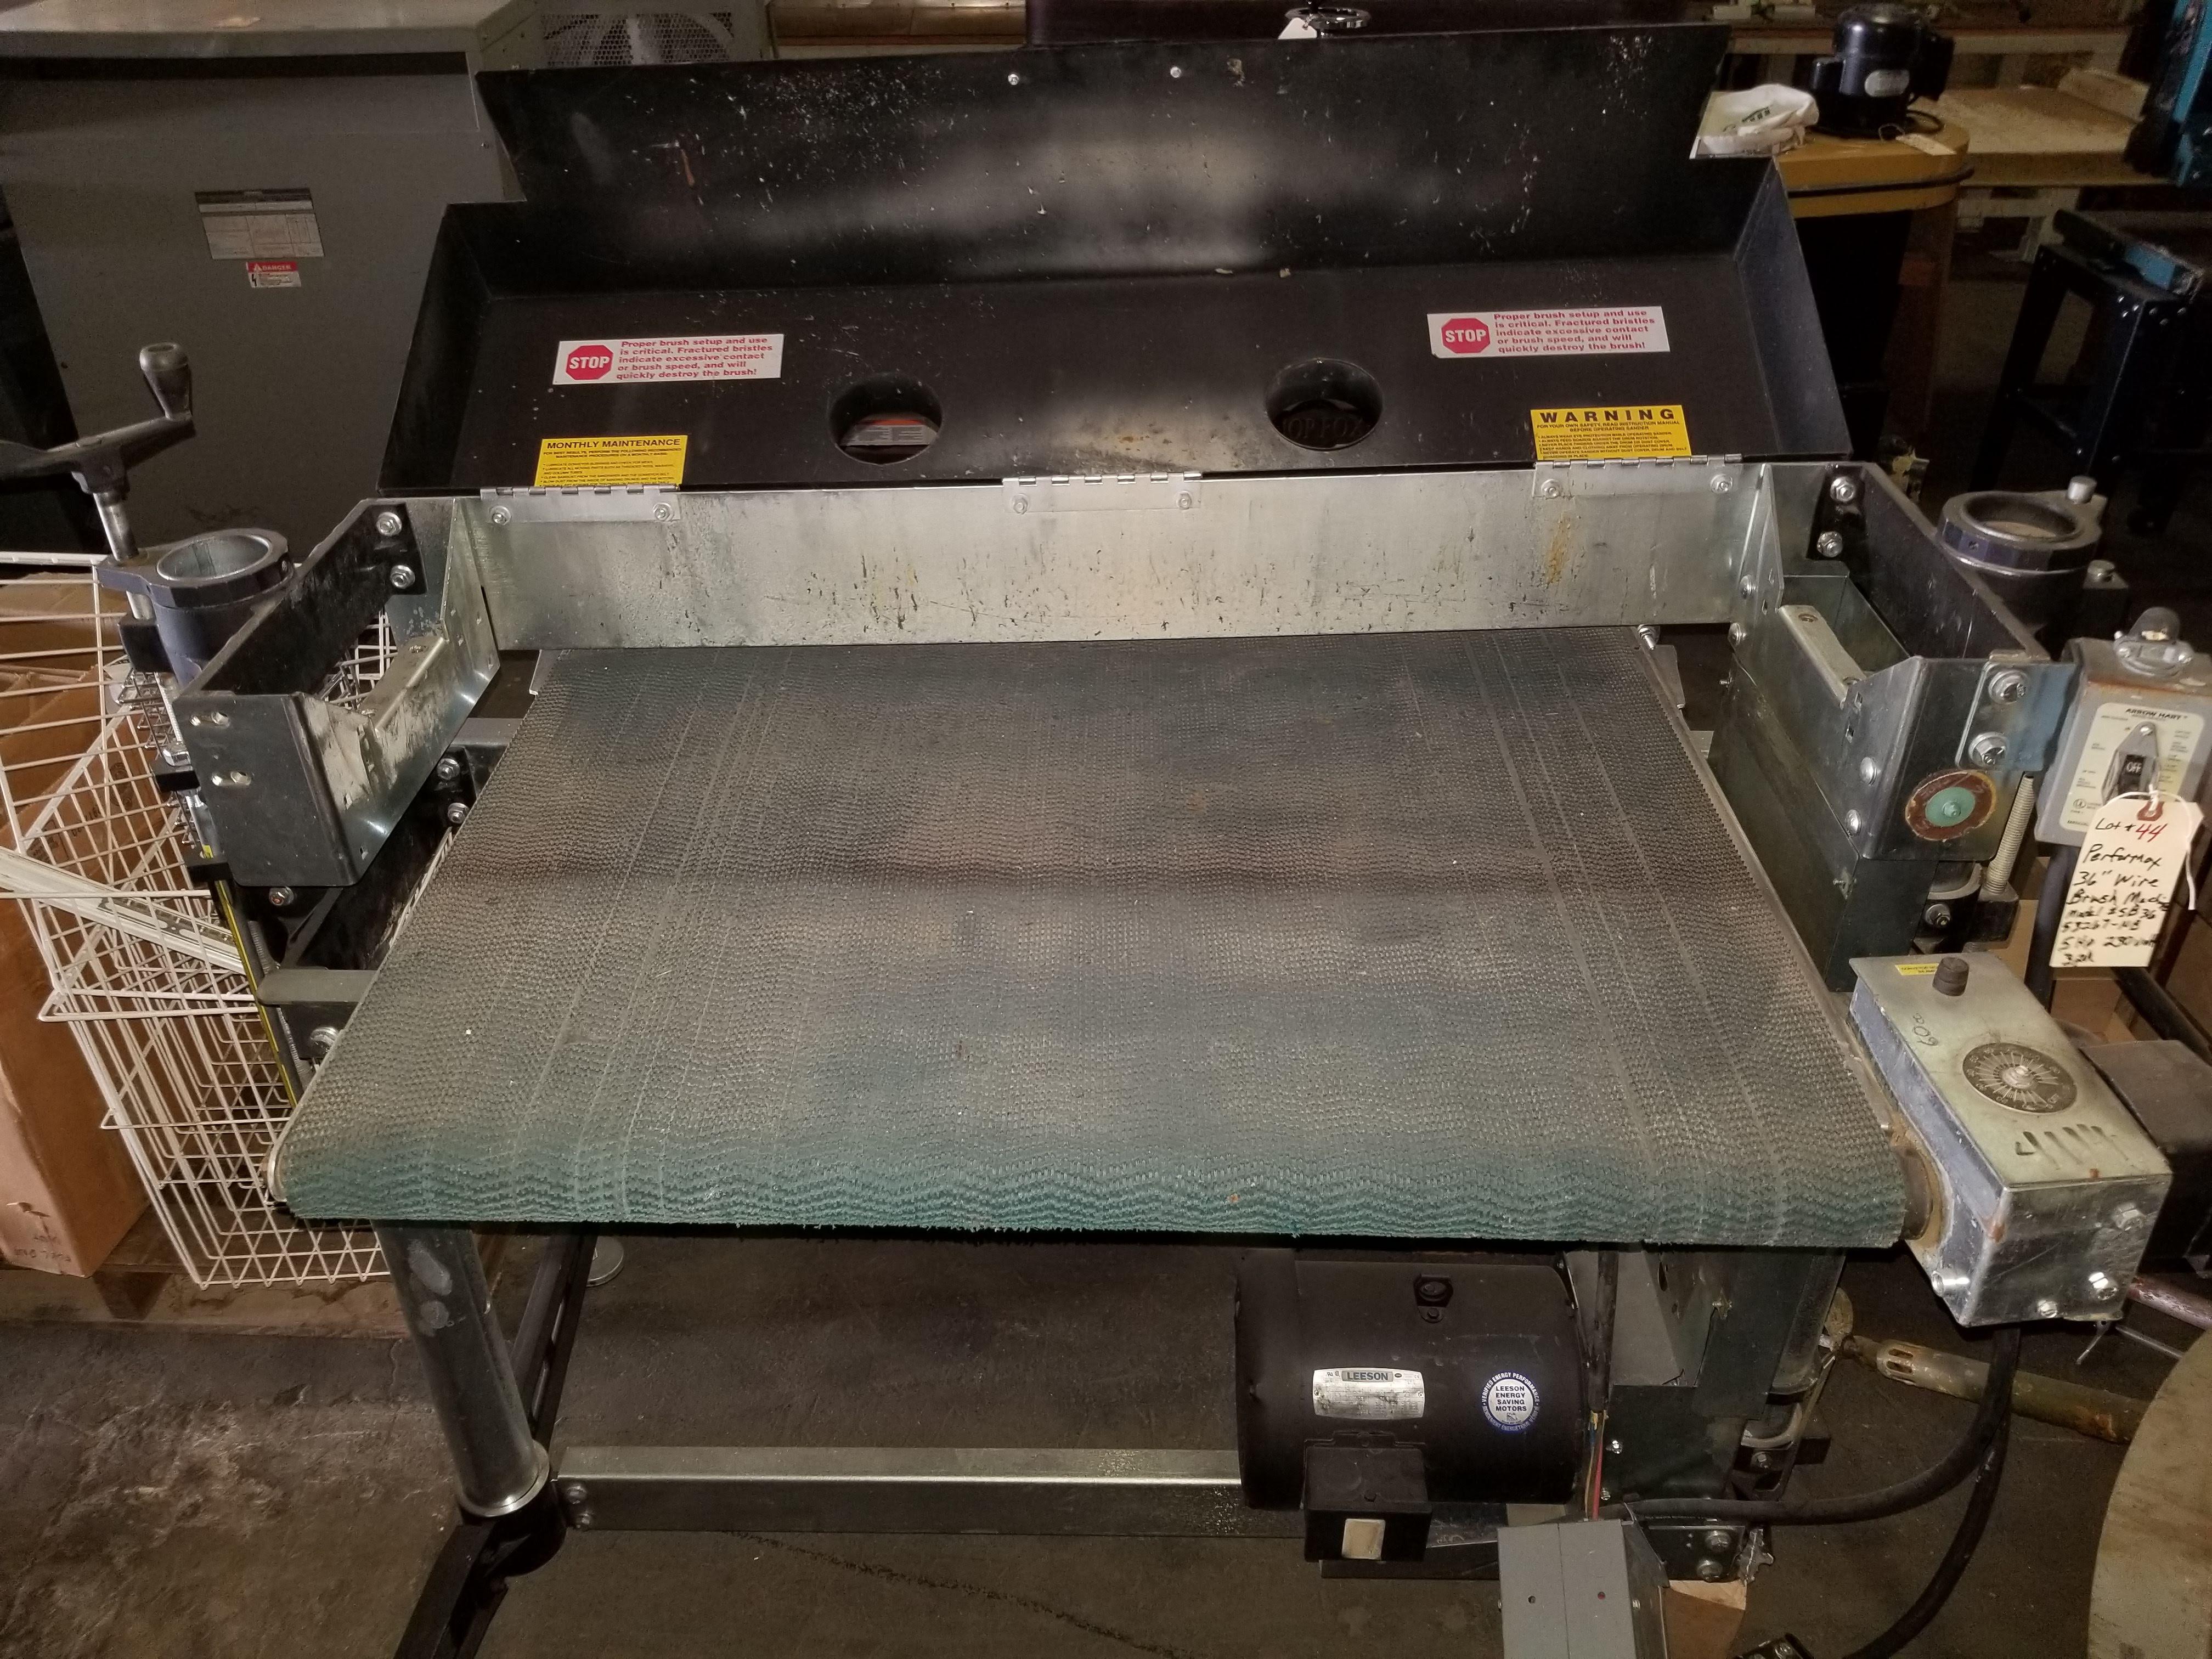 """Perormax 36"""" Wire Brush Machine Mo. #SB3653267-NB 5hp 230V 3ph No Brush - Image 2 of 5"""